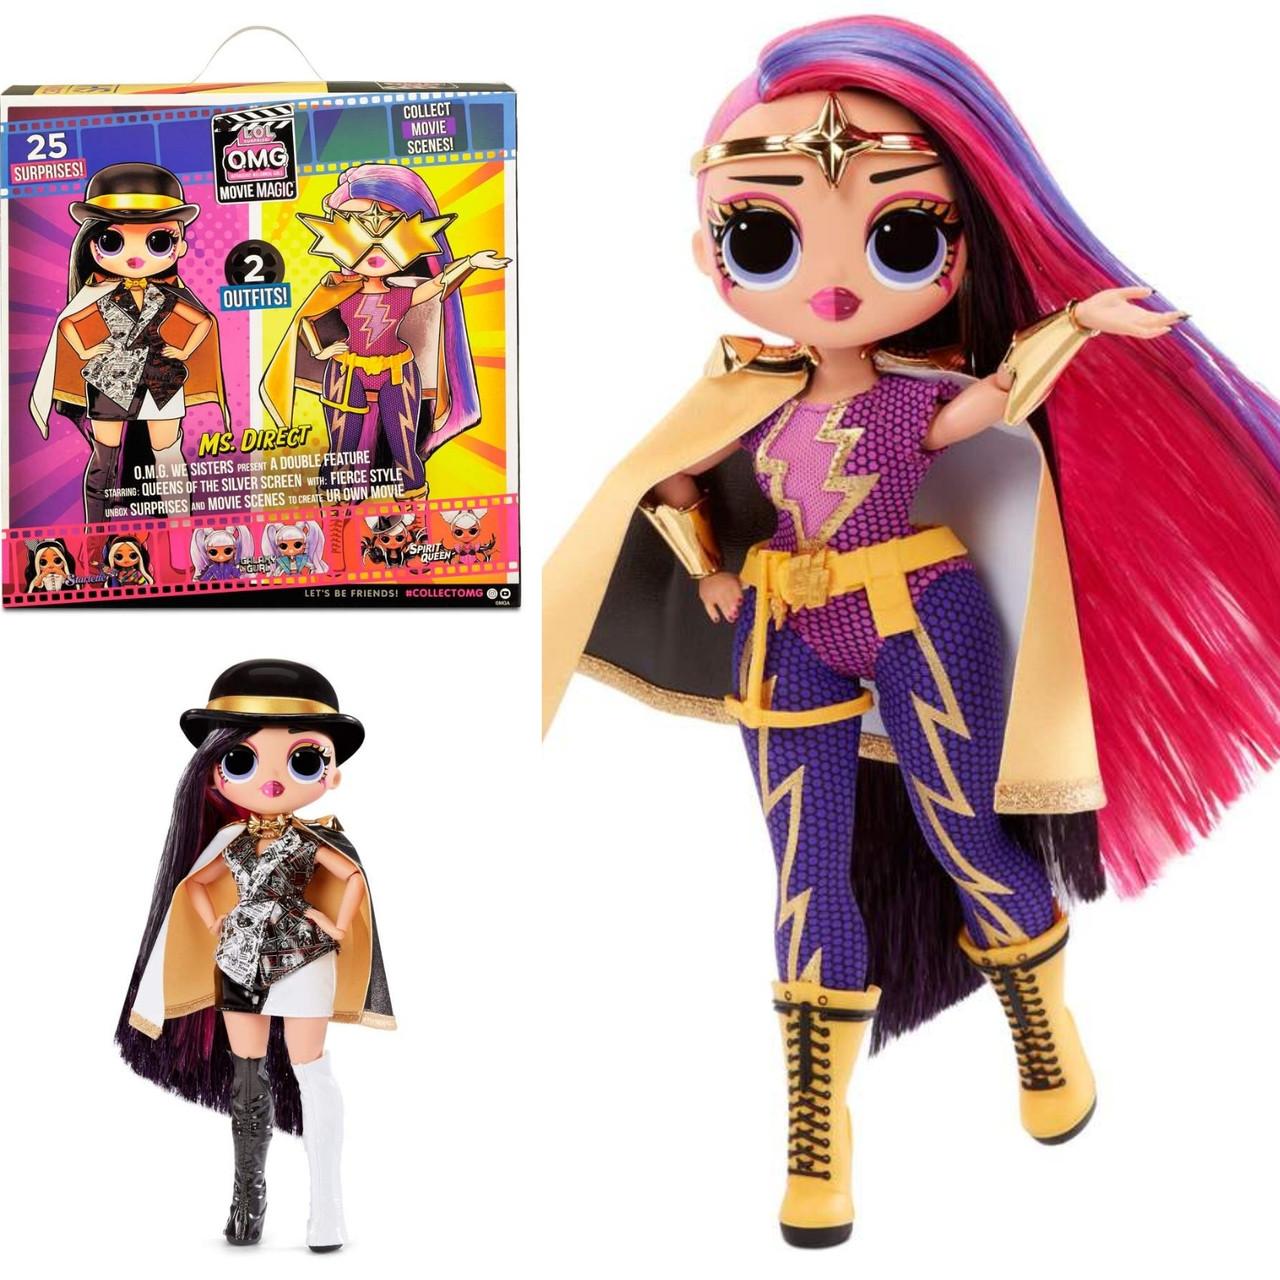 Игровой набор с куклой L.O.L. Surprise! серии O.M.G. Movie Magic - Мисс Абсолют